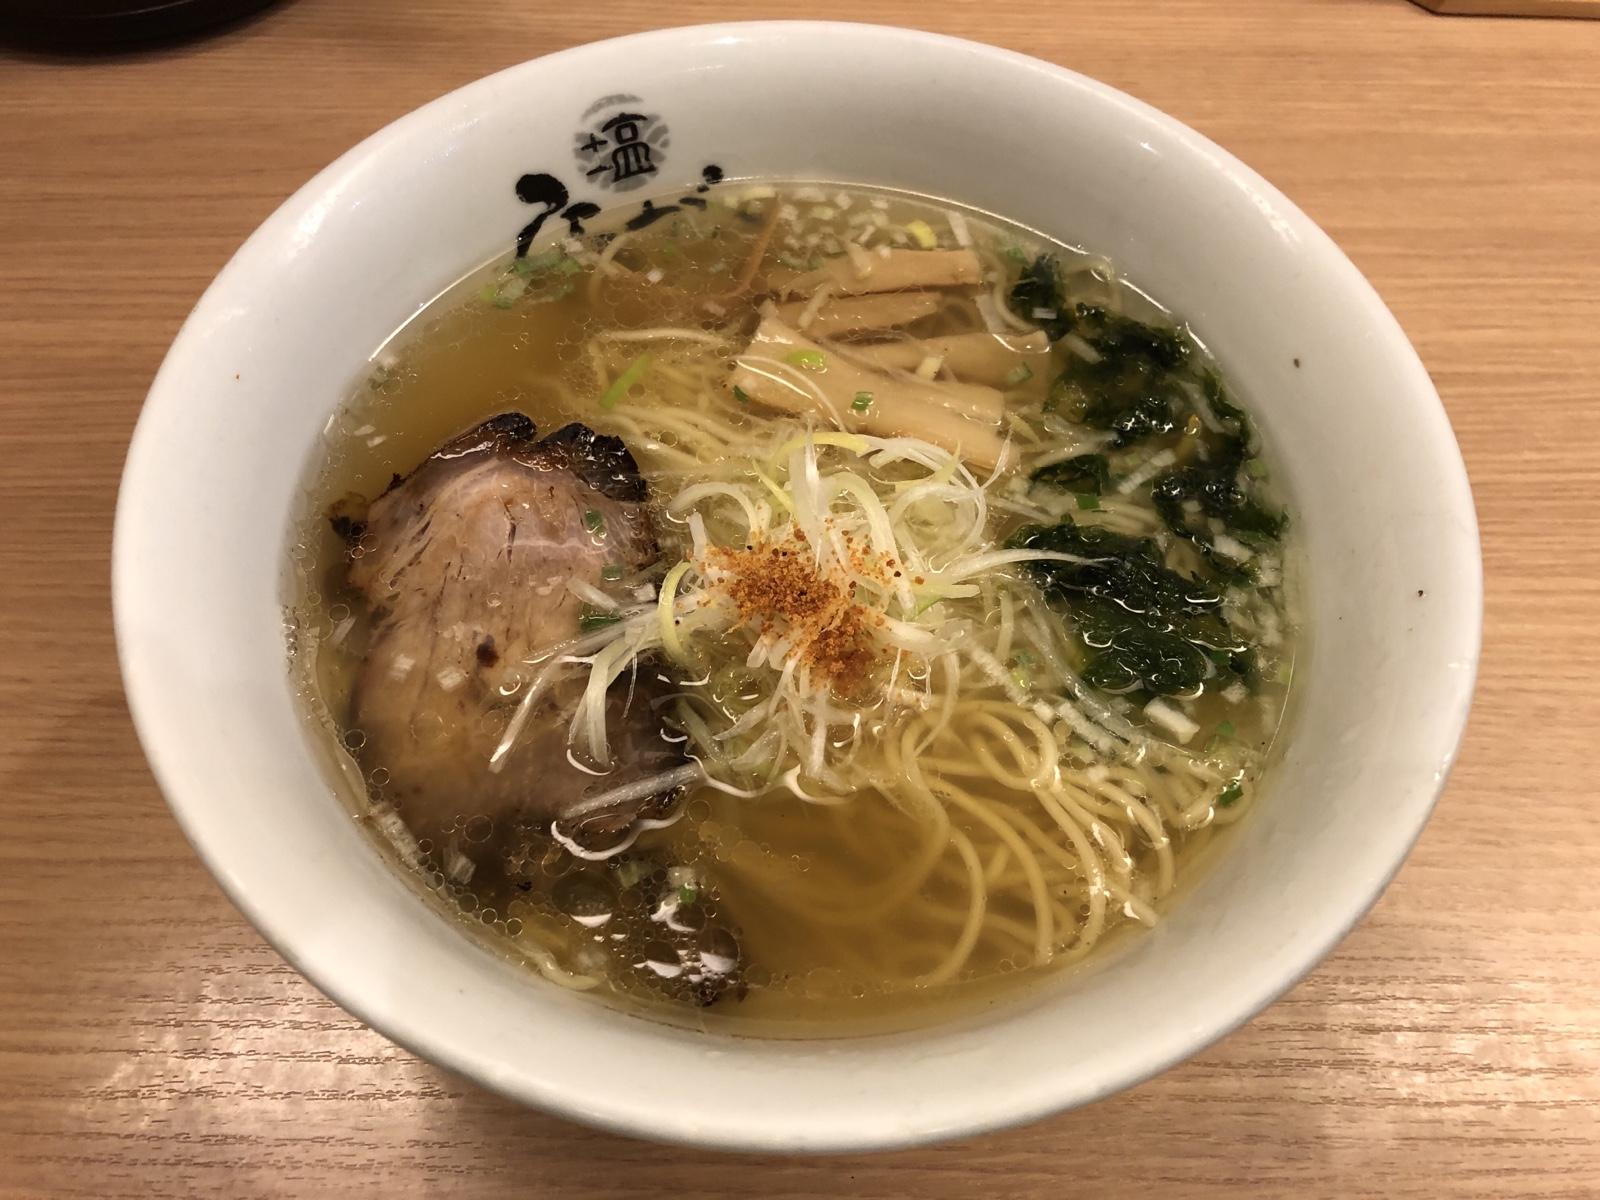 ラーメン二毛作が生んだコク旨塩!「ひるがお」 東京駅店